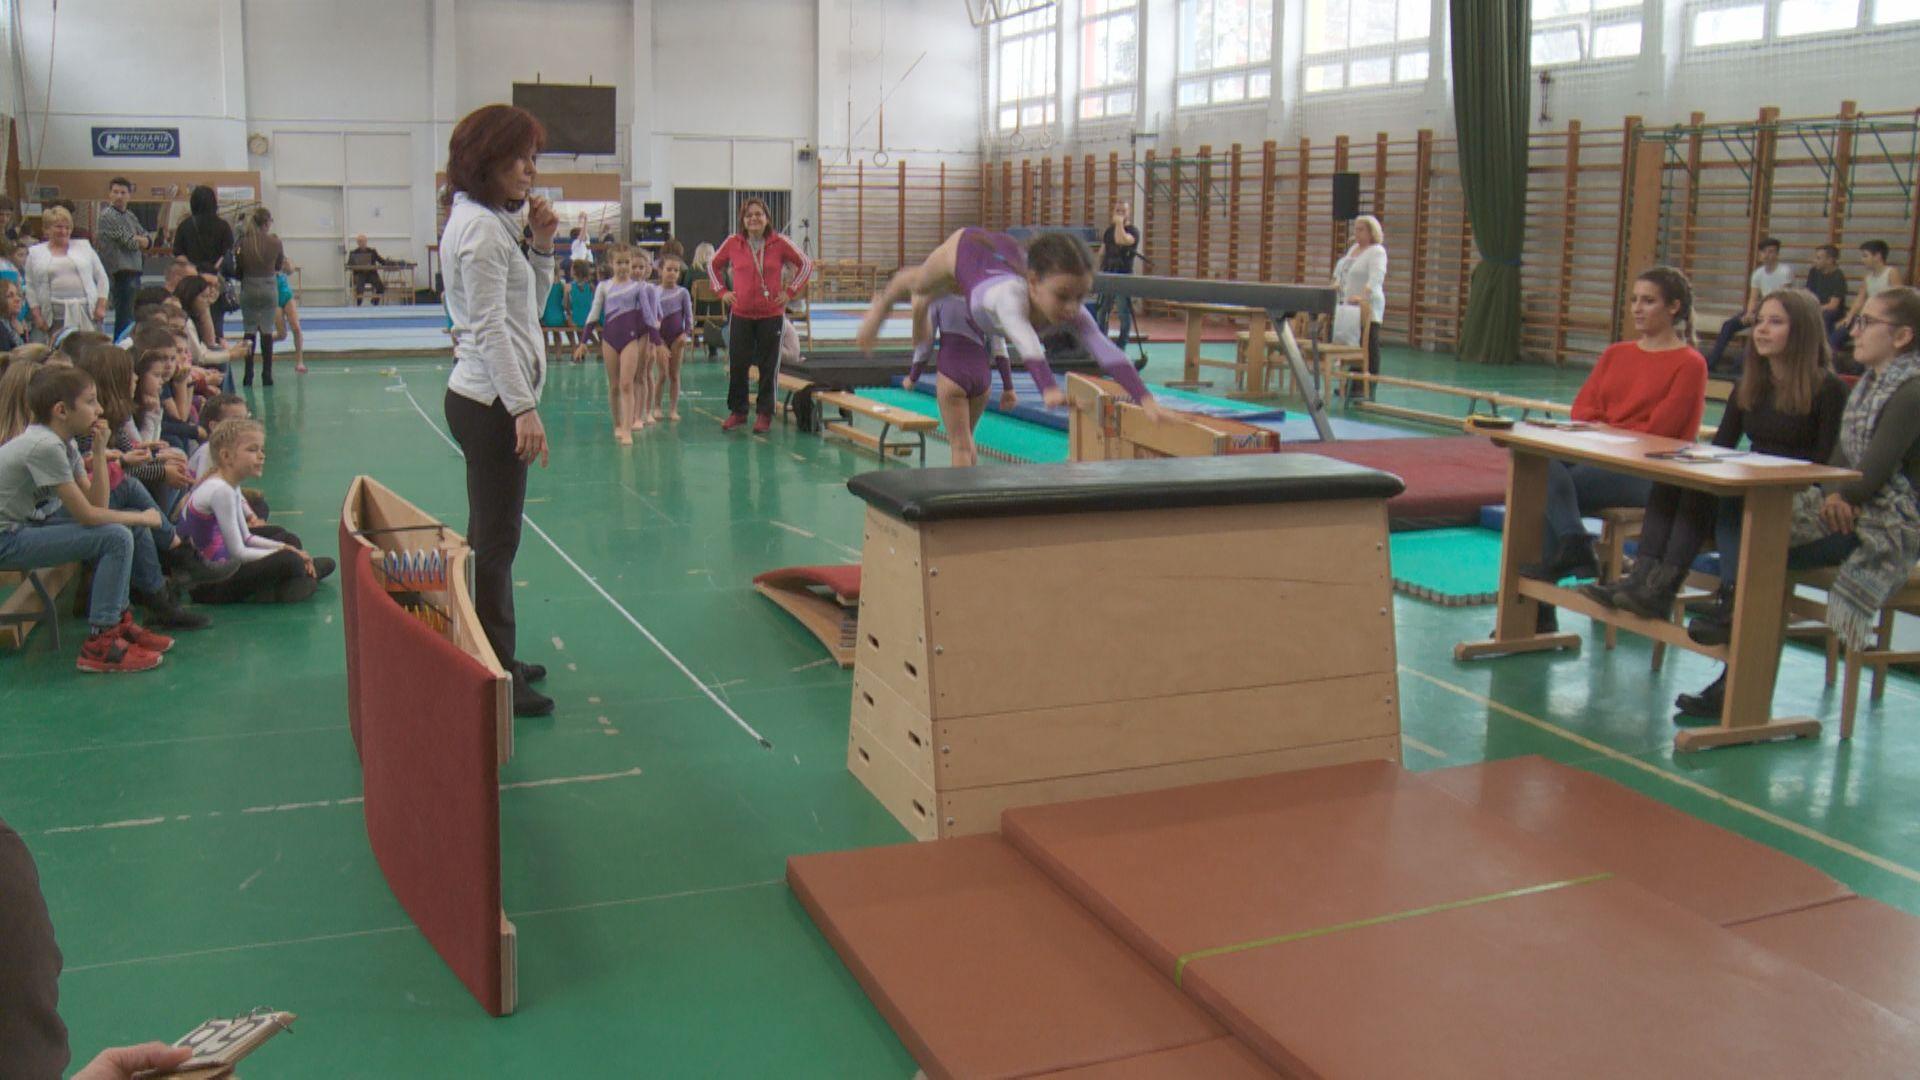 e5b48dc023 A megyei torna diákolimpia döntőjén több mint 100 diák vett részt, a  Hevesi- és a zalaegerszegi Eötvös-iskola csapatai egyaránt 3-3  versenyszámot nyertek ...